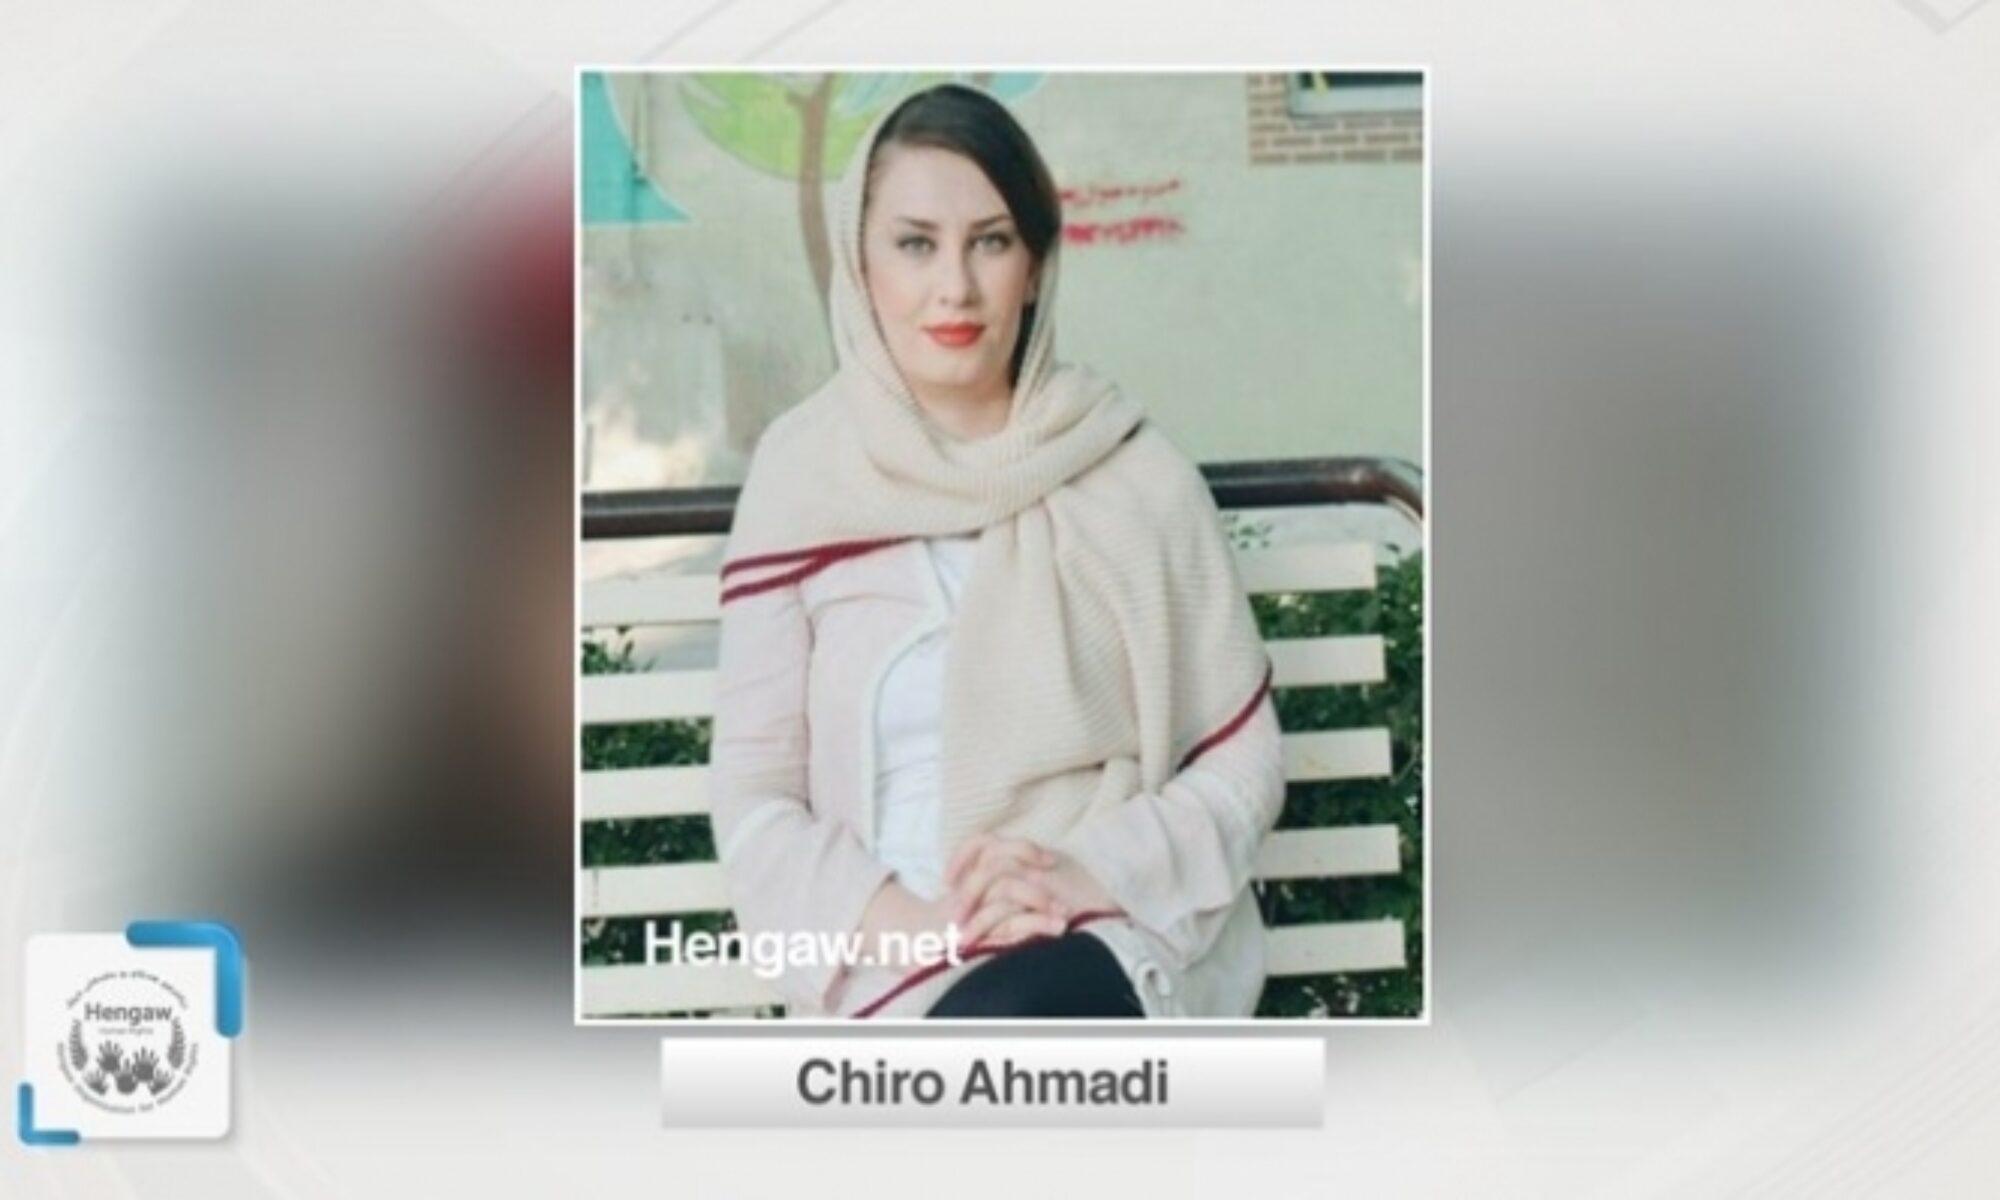 İran istihbaratı Kürtçe öğretmeni ve aktivist Çiro Ehmedi'yi göz altına aldı